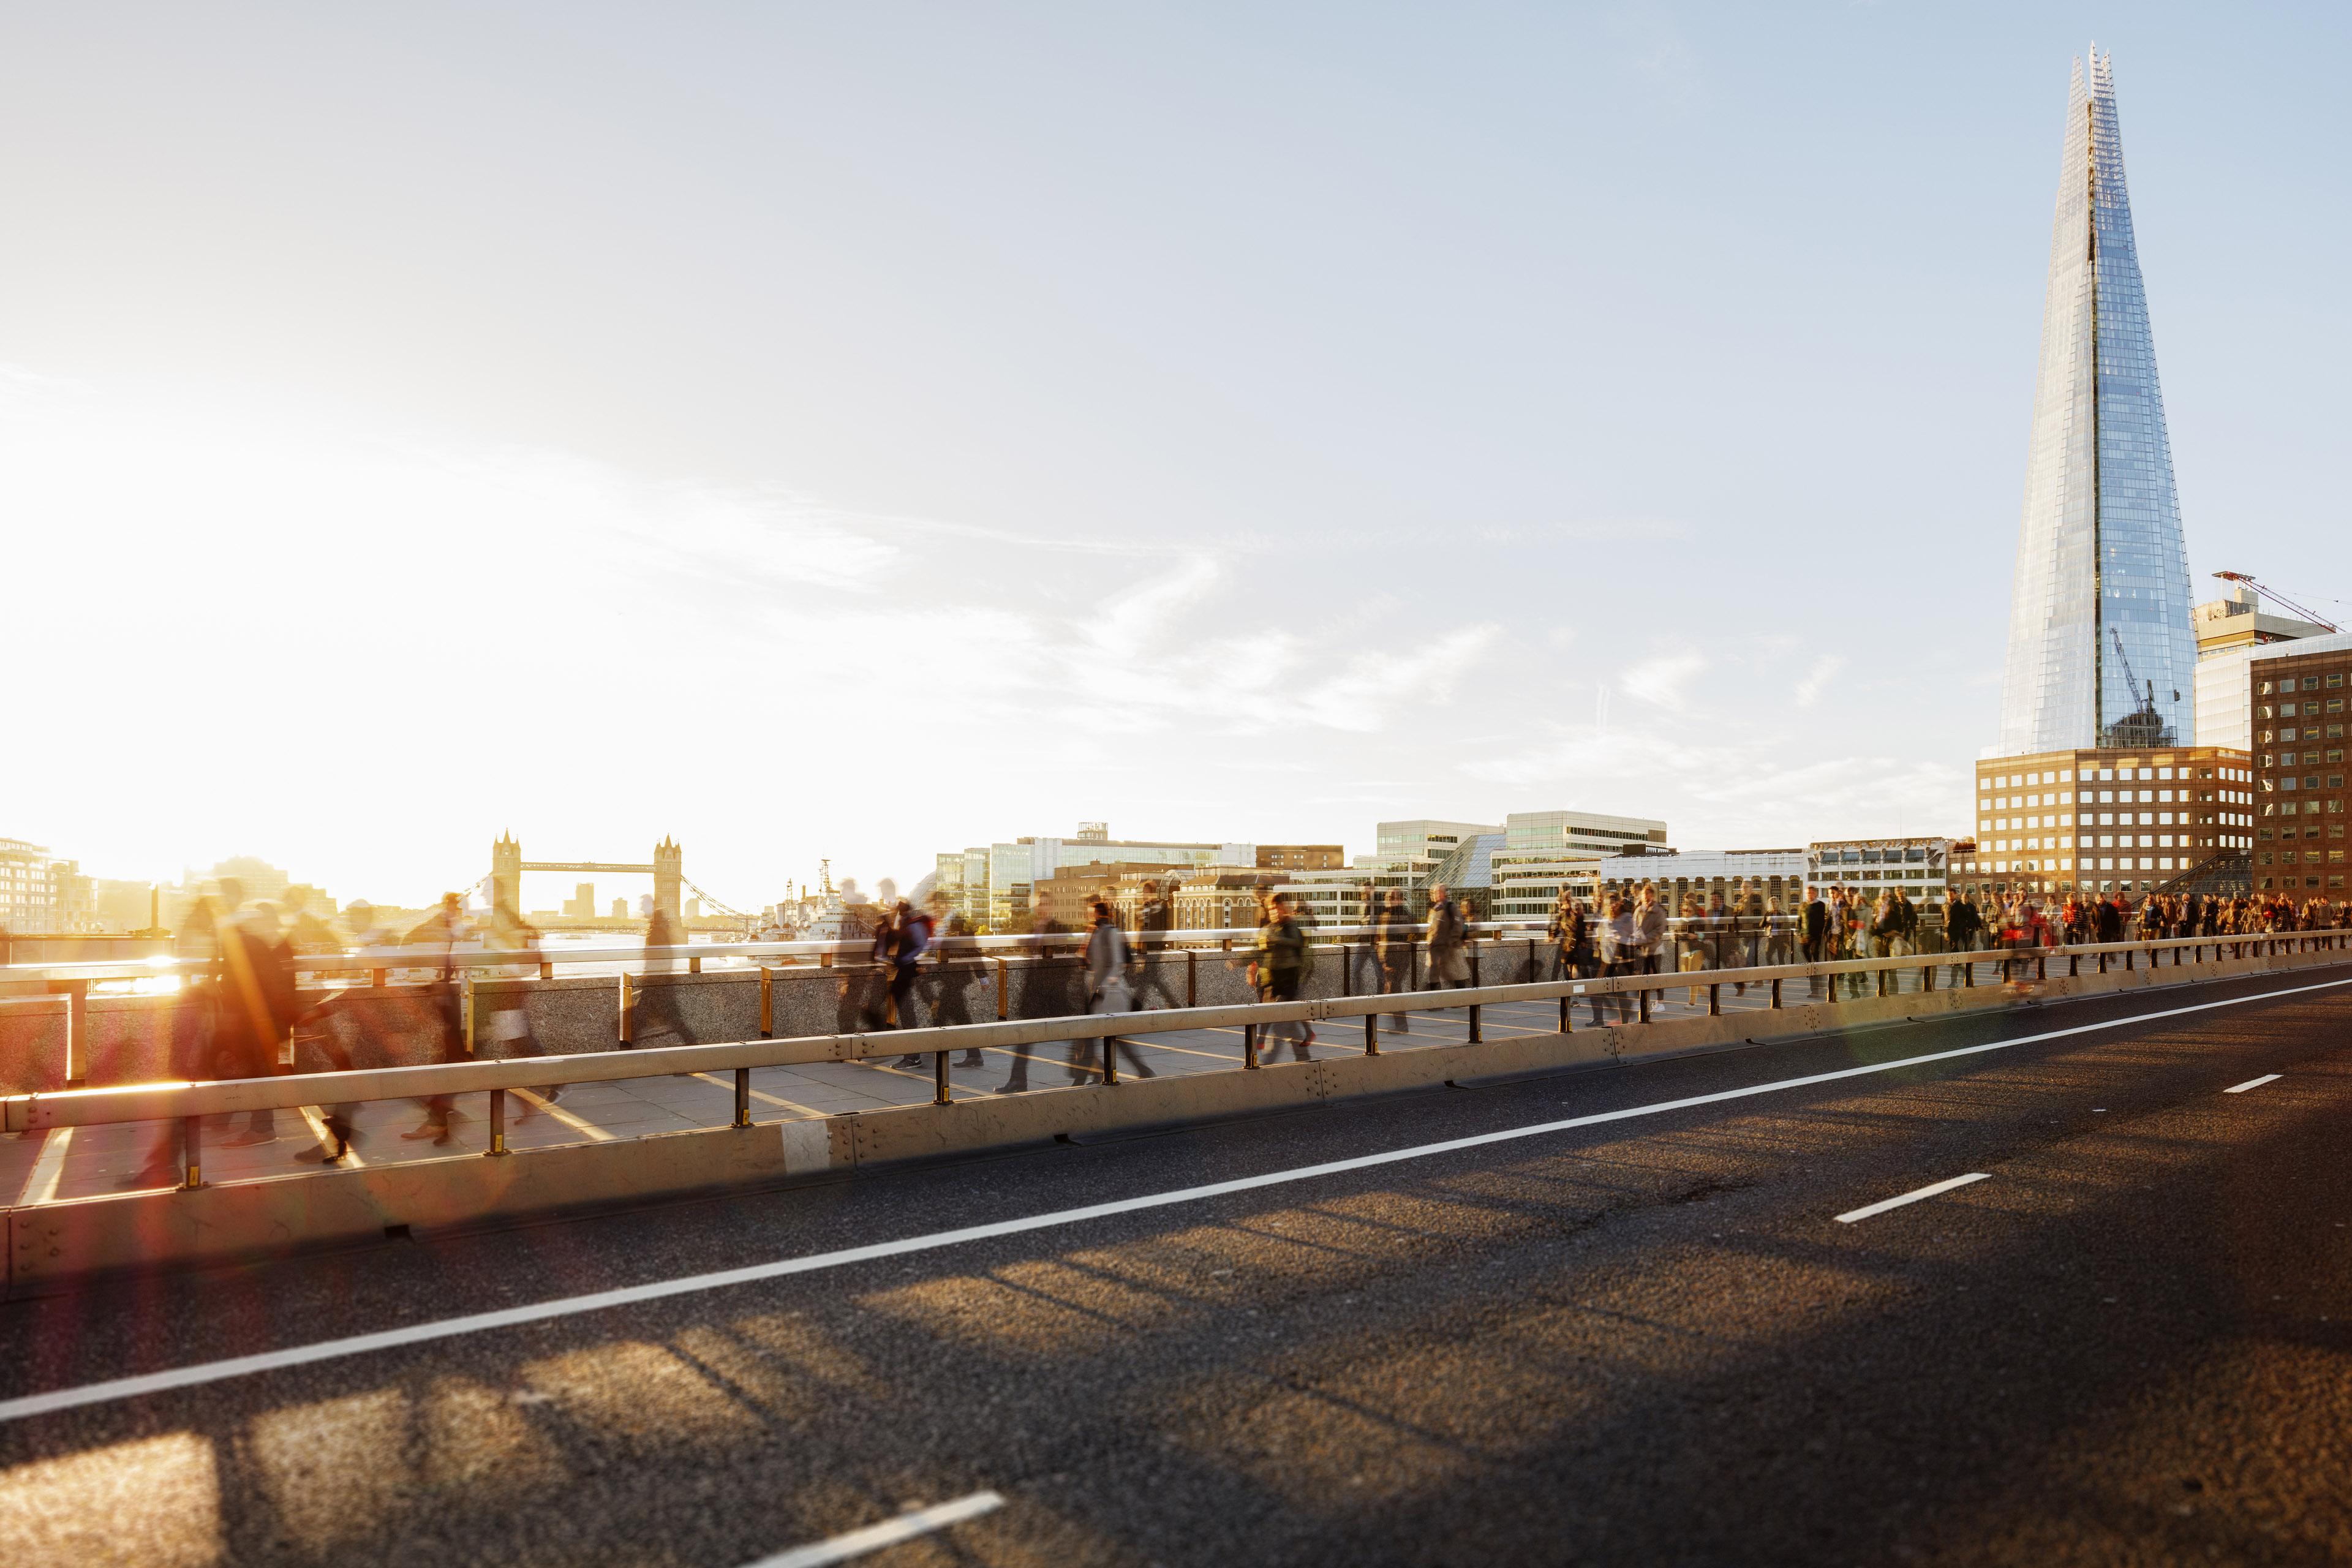 EY - Walkers on London Bridge